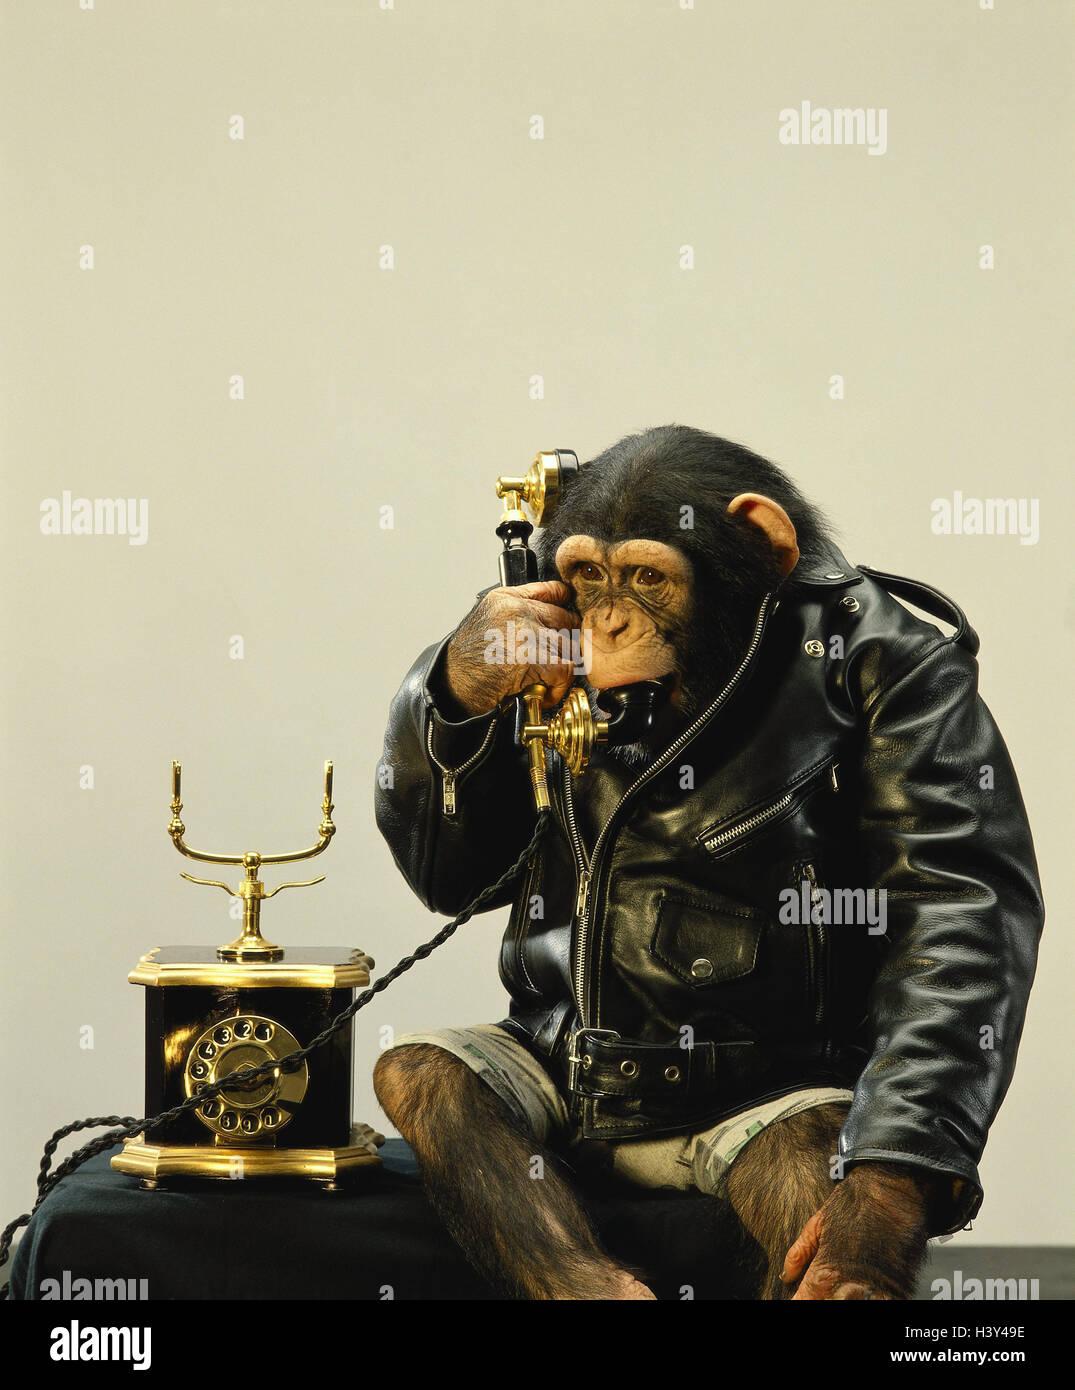 Monkey, leather ball jacket, phone, calls up, - Stock Image